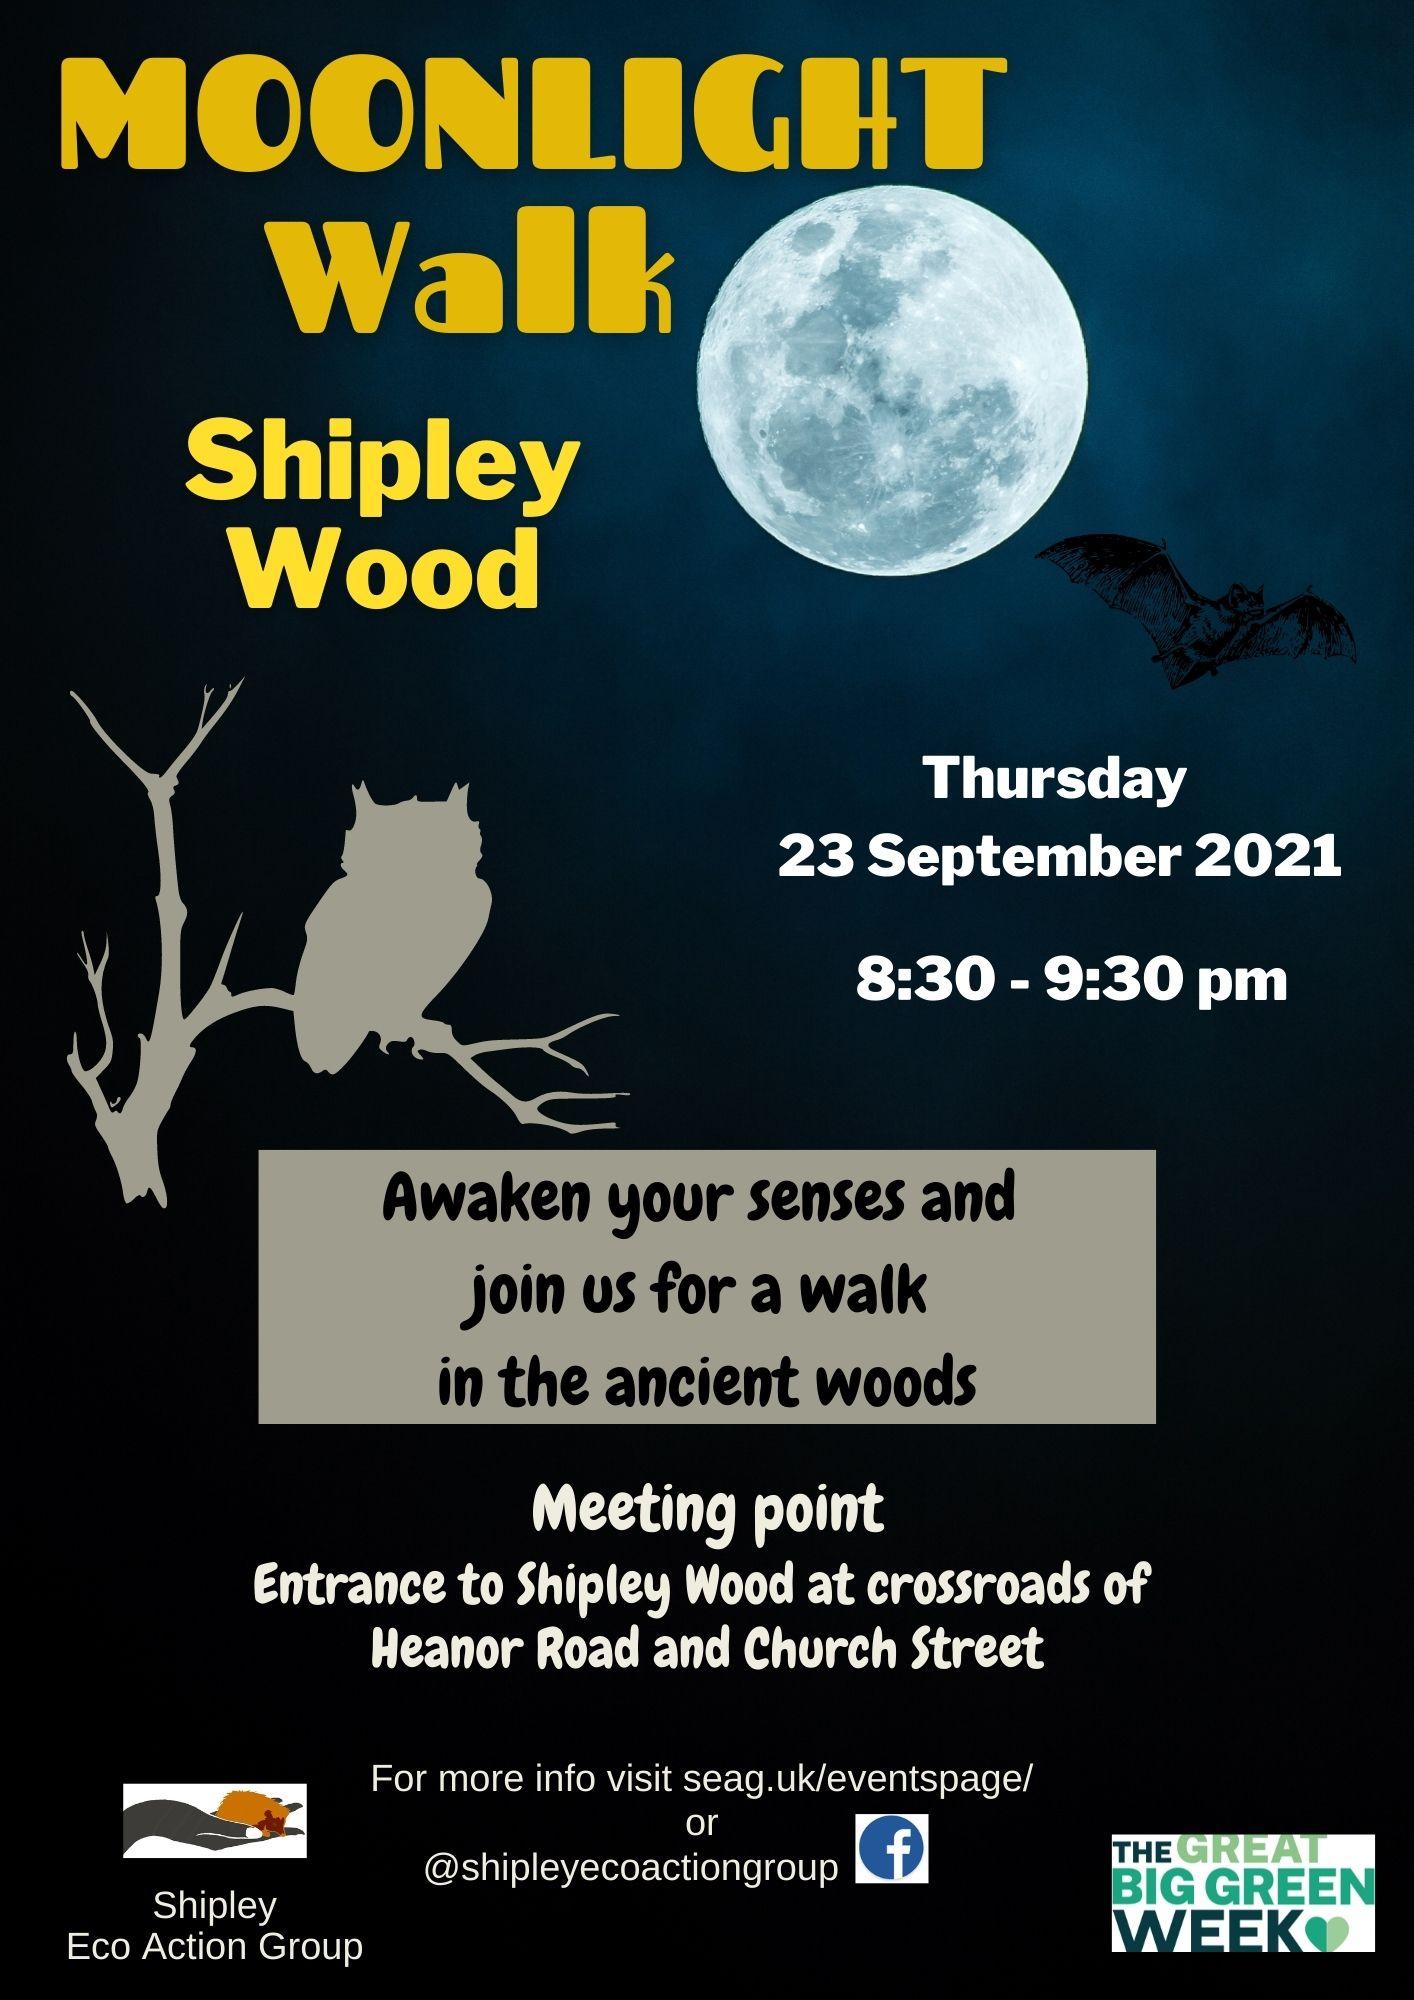 Moonlight Walk Shipley Woods